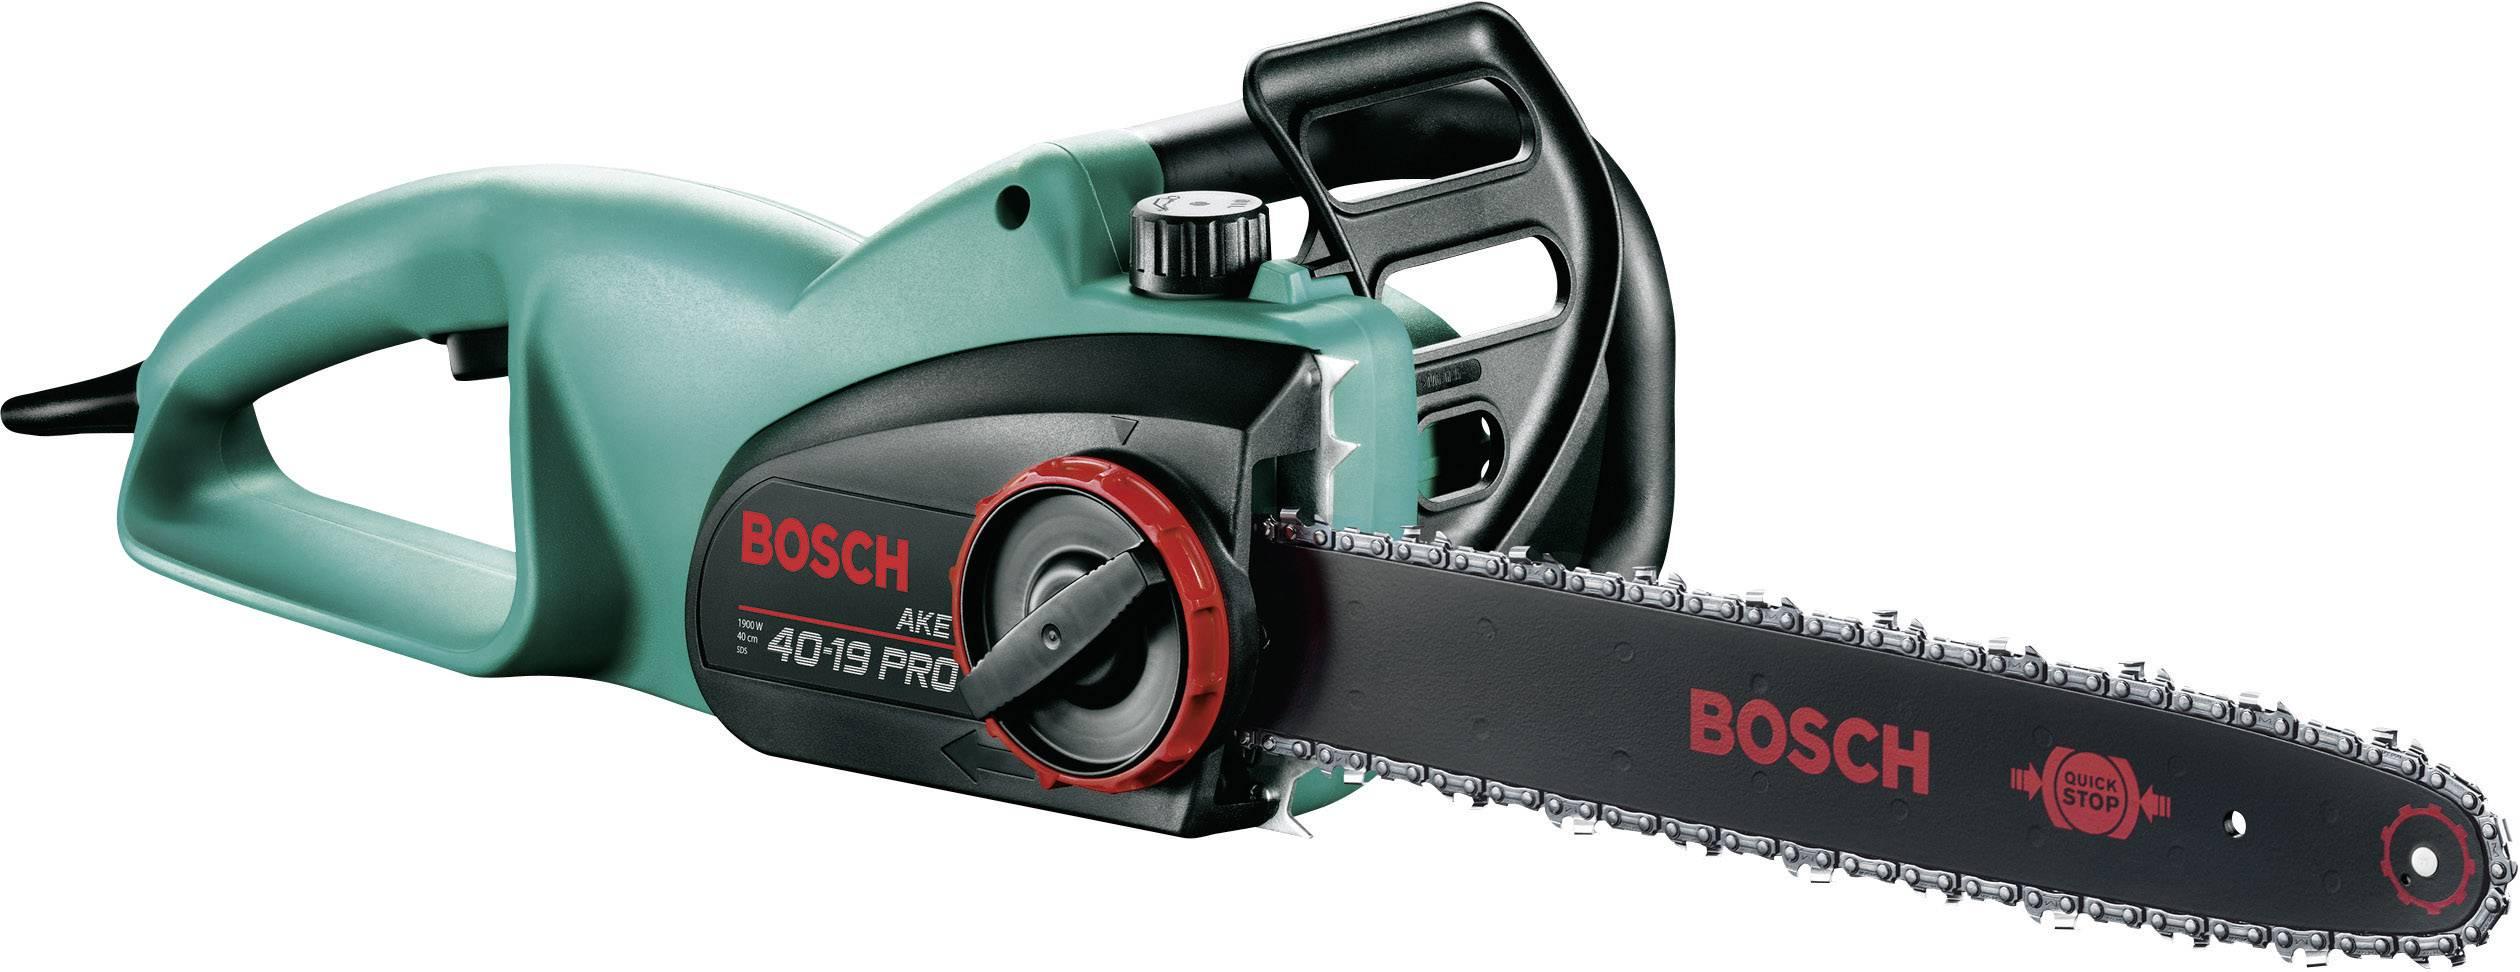 Elektrický/á reťazová píla Bosch Home and Garden AKE 40-19 PRO, dĺžka čepele 400 mm